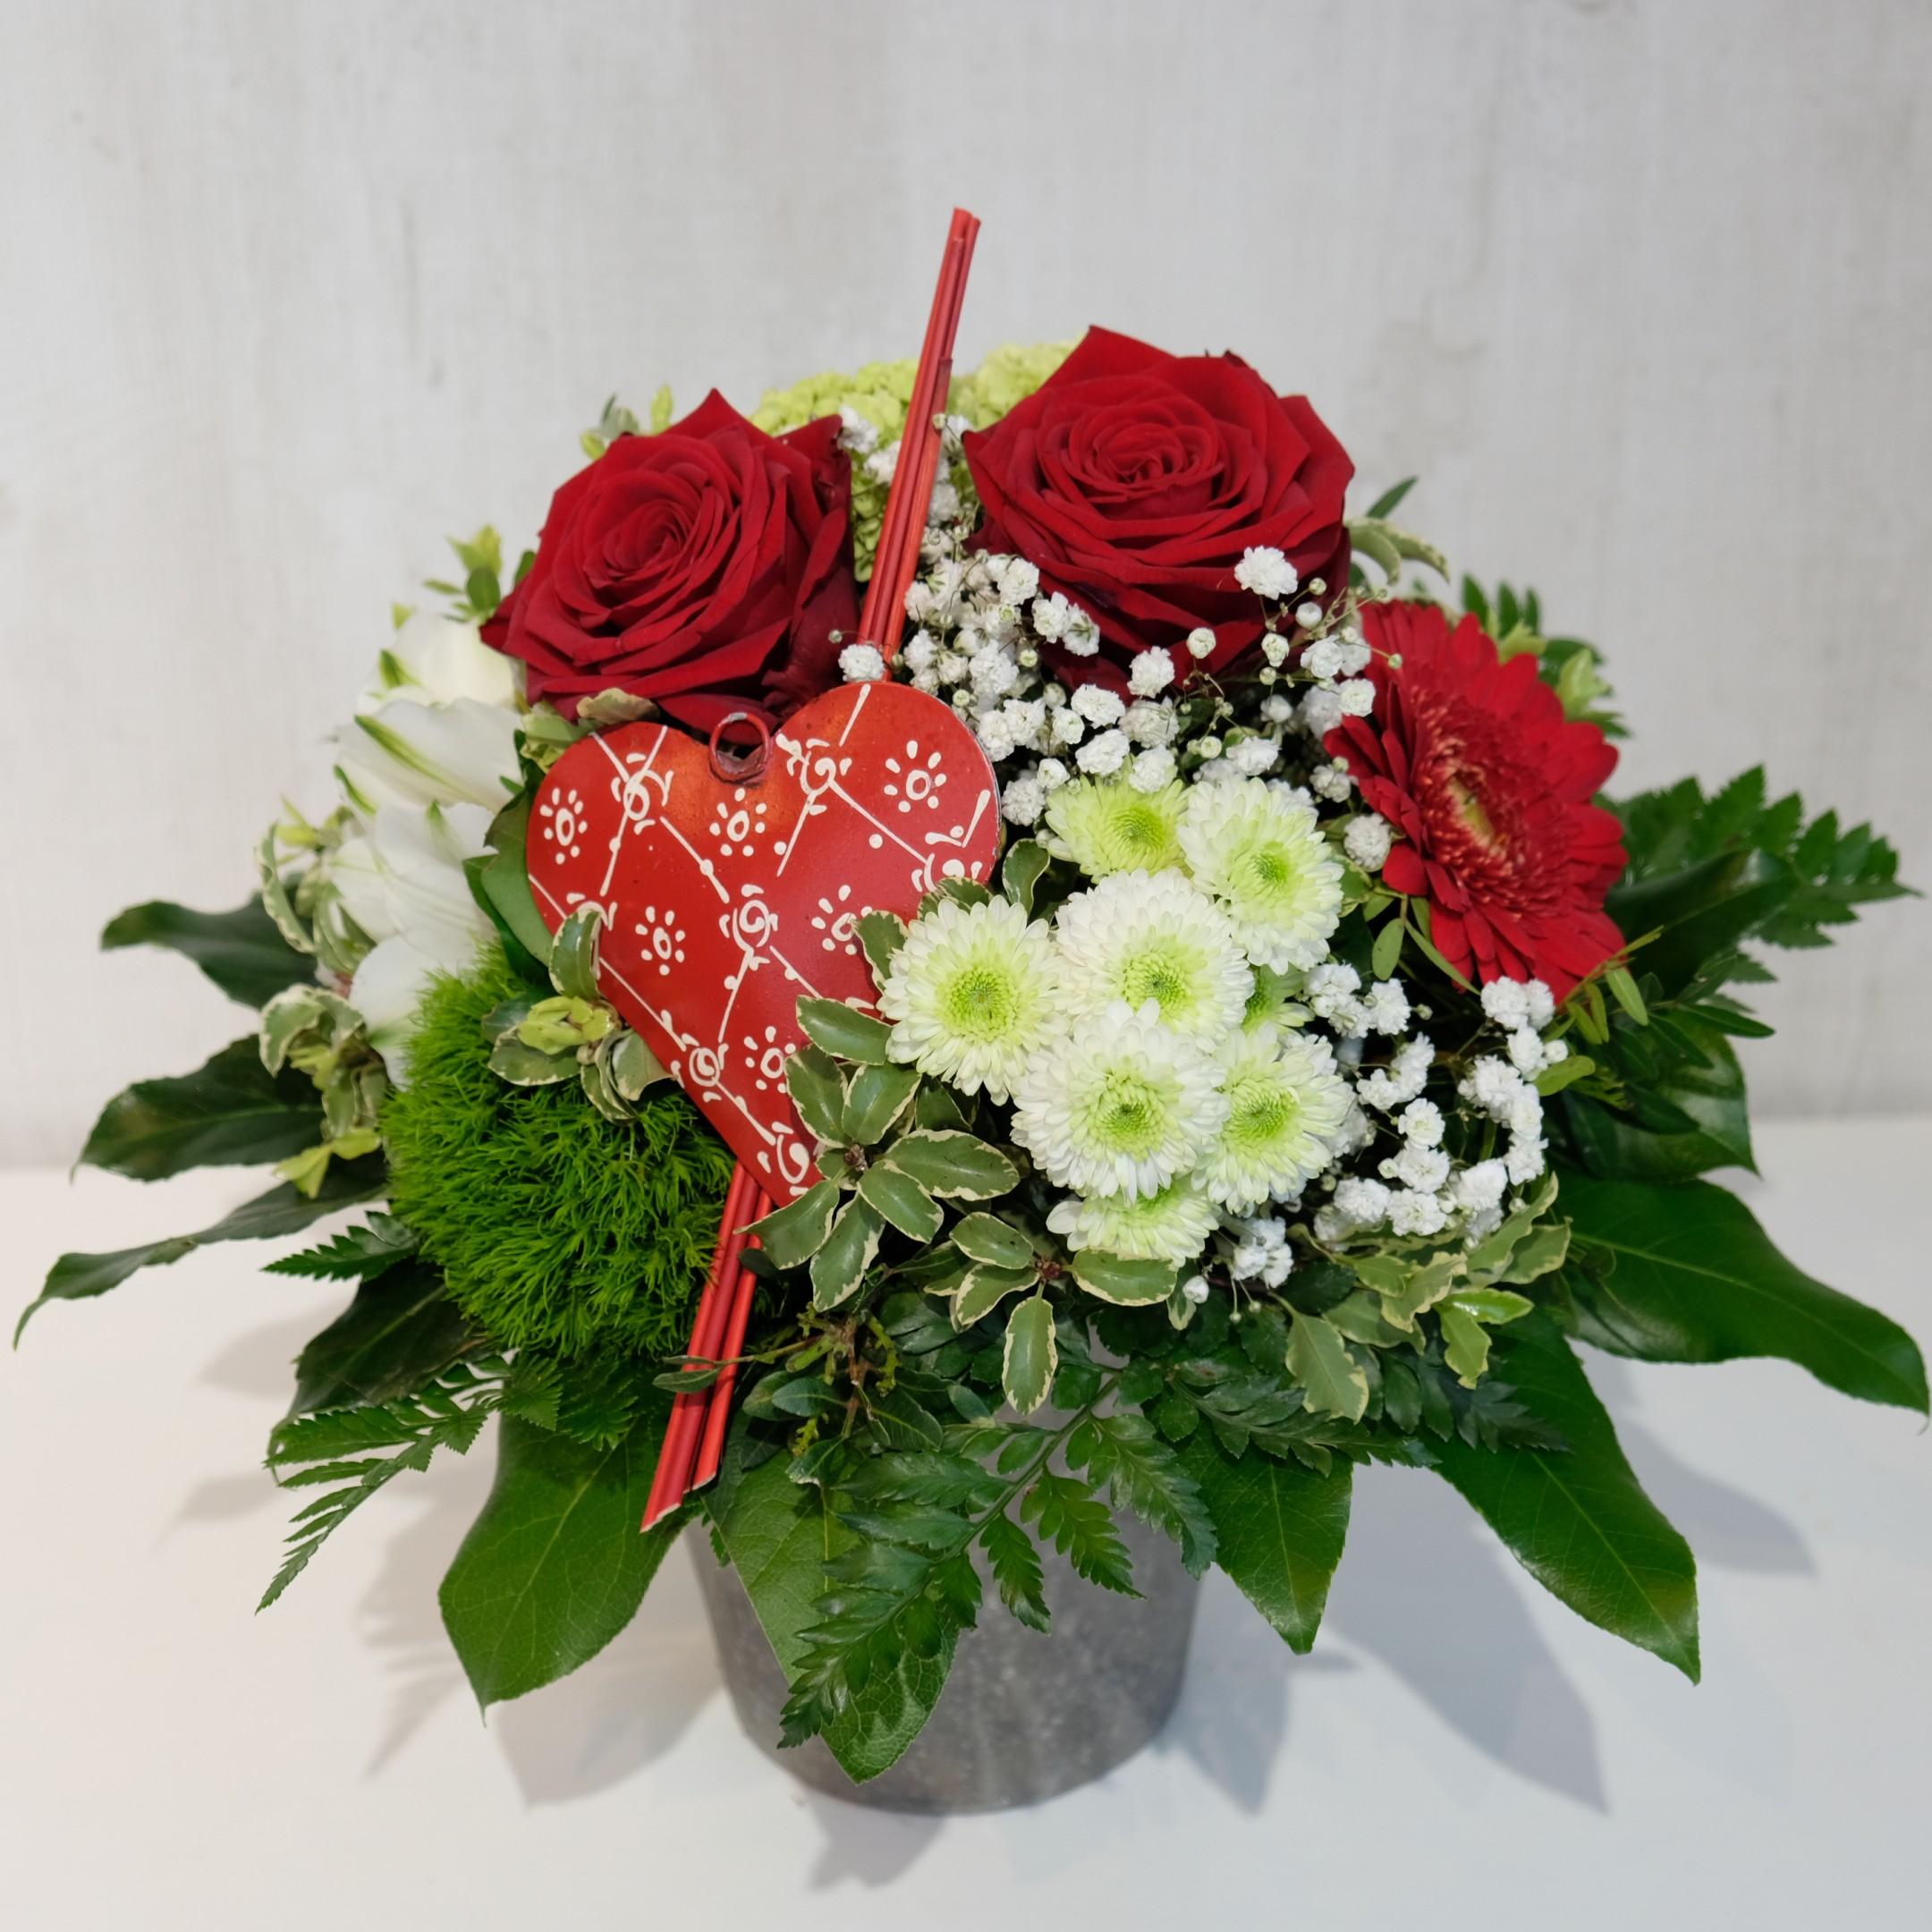 Ausgeschmückter Blumenstrauß Bild 2